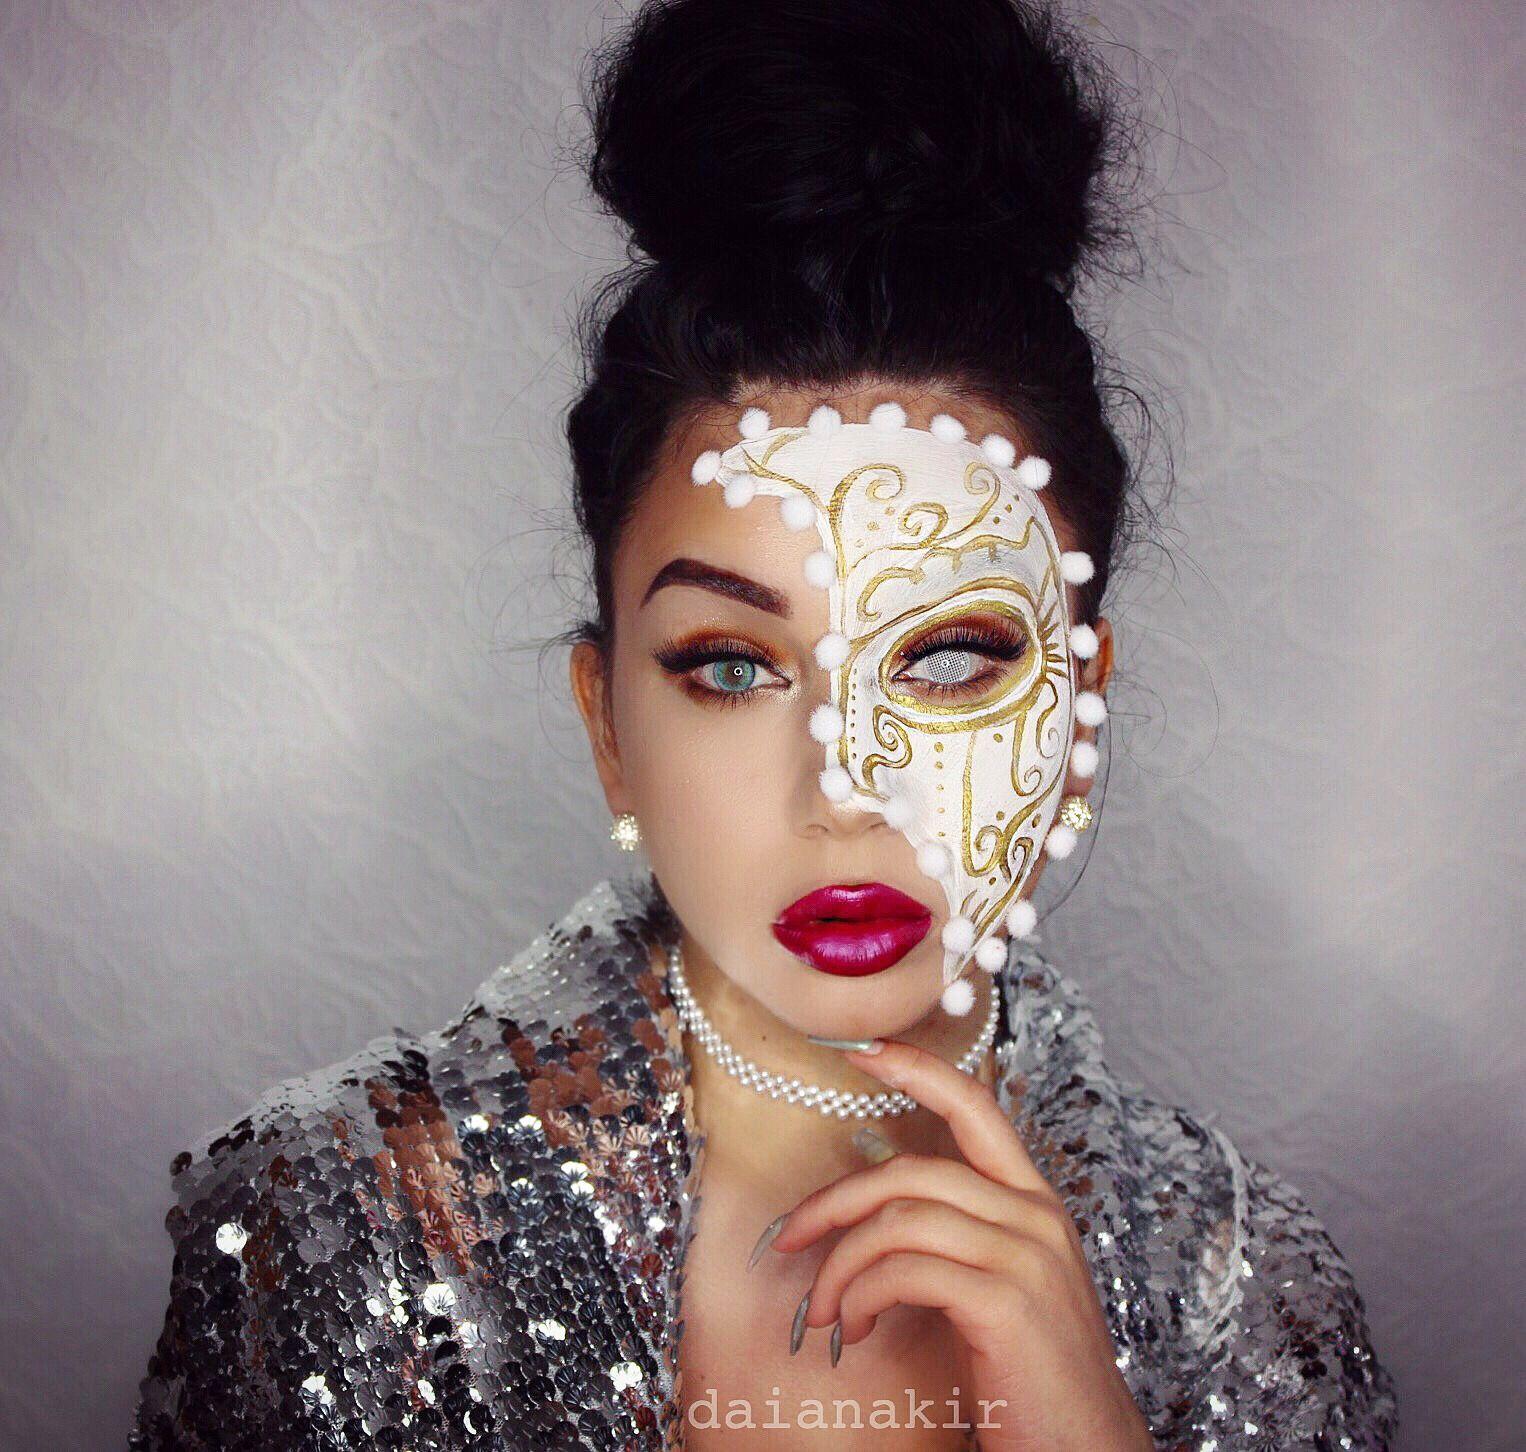 Masquerade mask Halloween makeup costume Daiana Kir daianakir.com ...